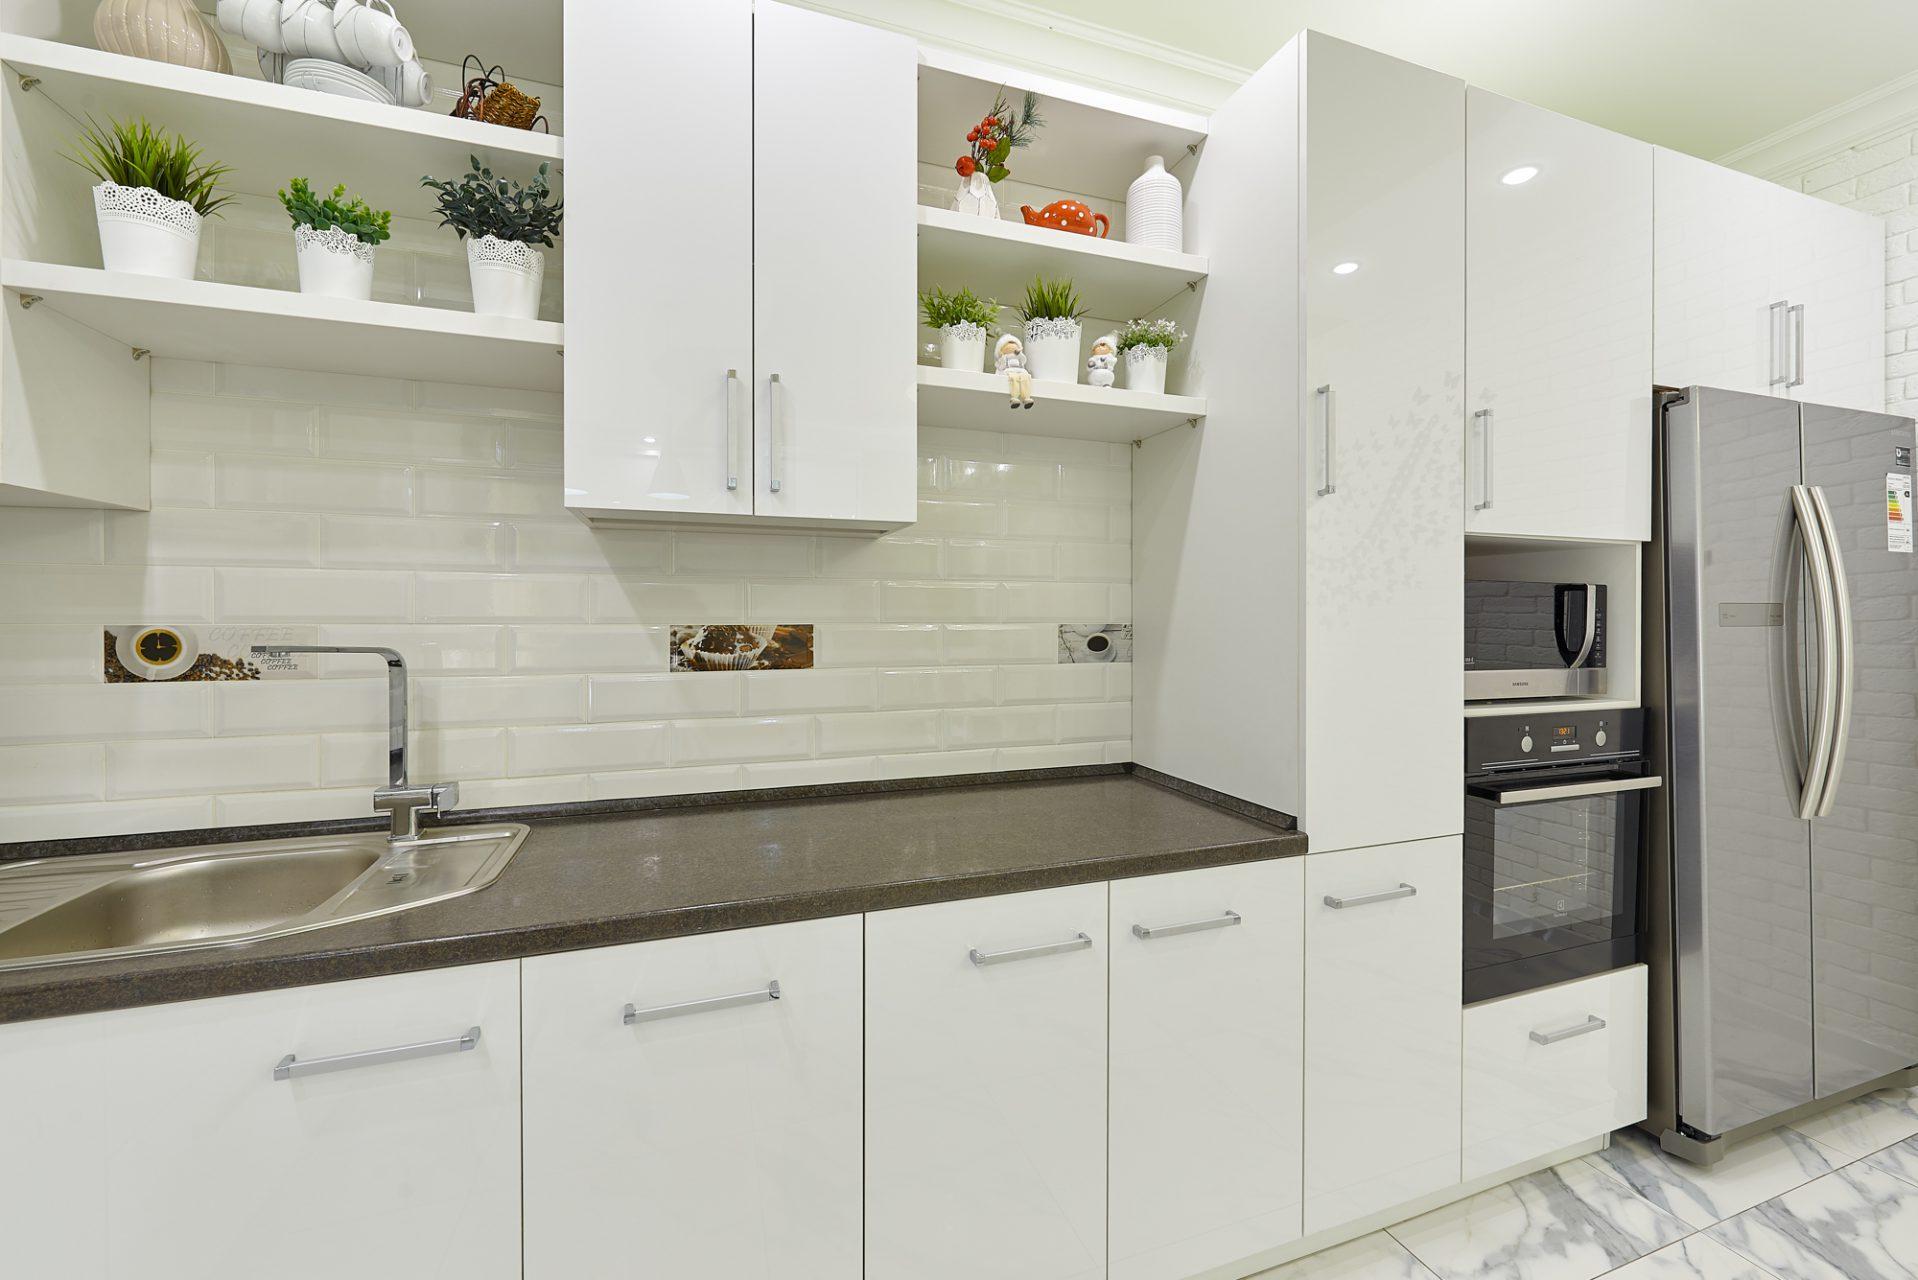 015_interior_kitchen1_korneychikeu